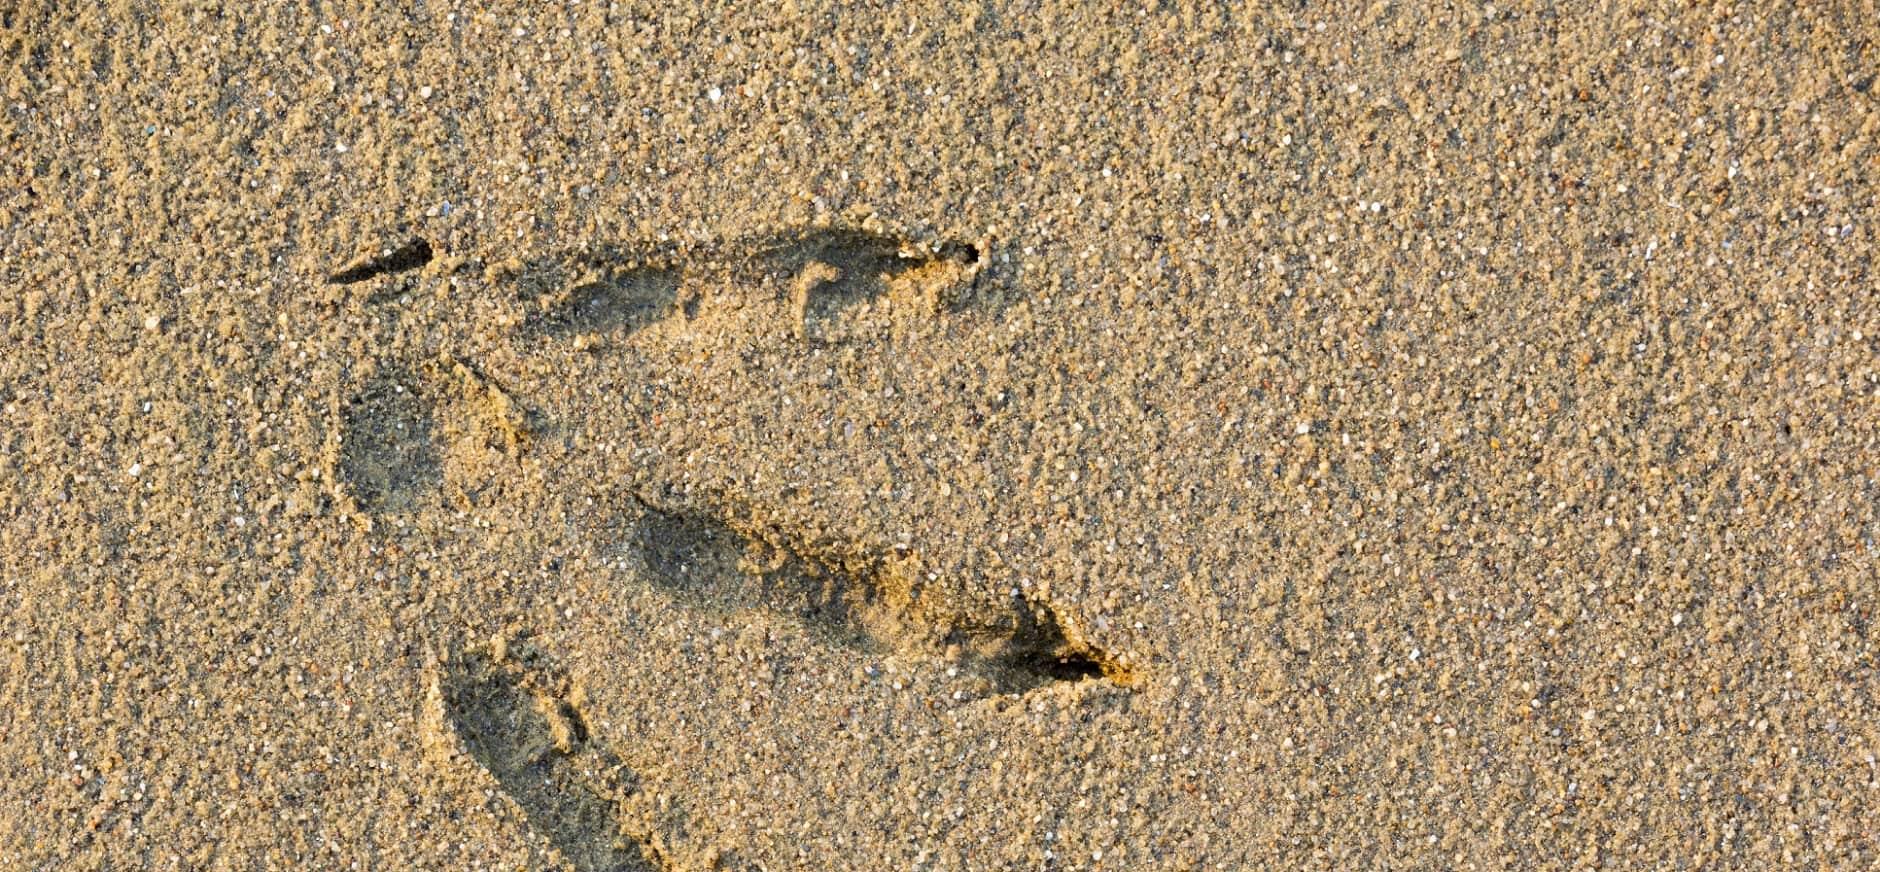 Gipsadruk maken van voetsporen